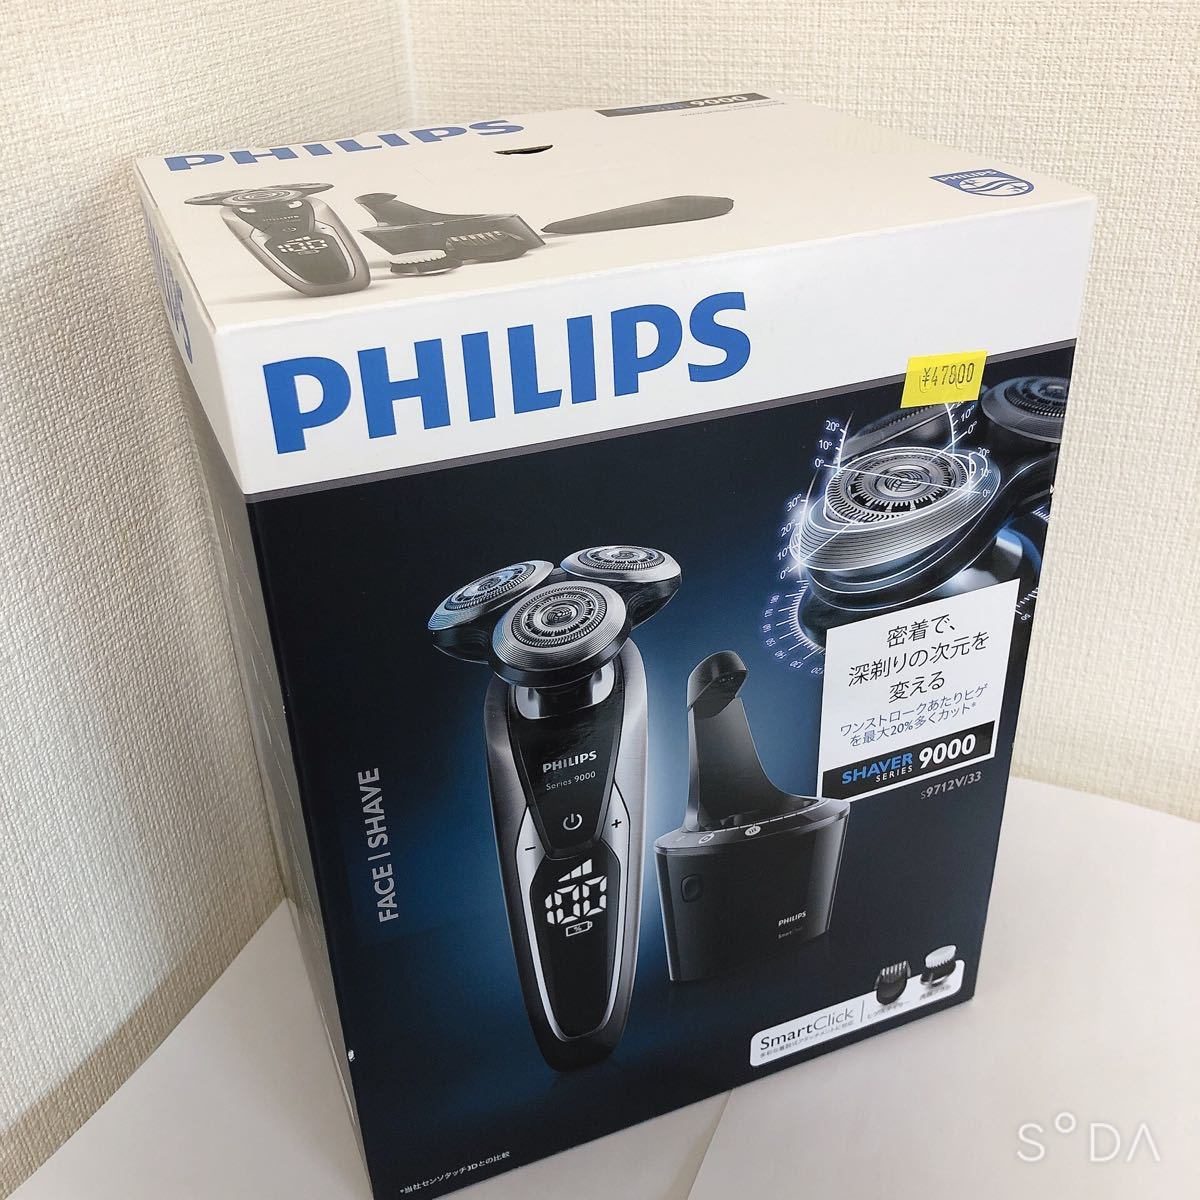 電気シェーバーフィリップス メンズシェーバーPHILIPS  S9712V/33